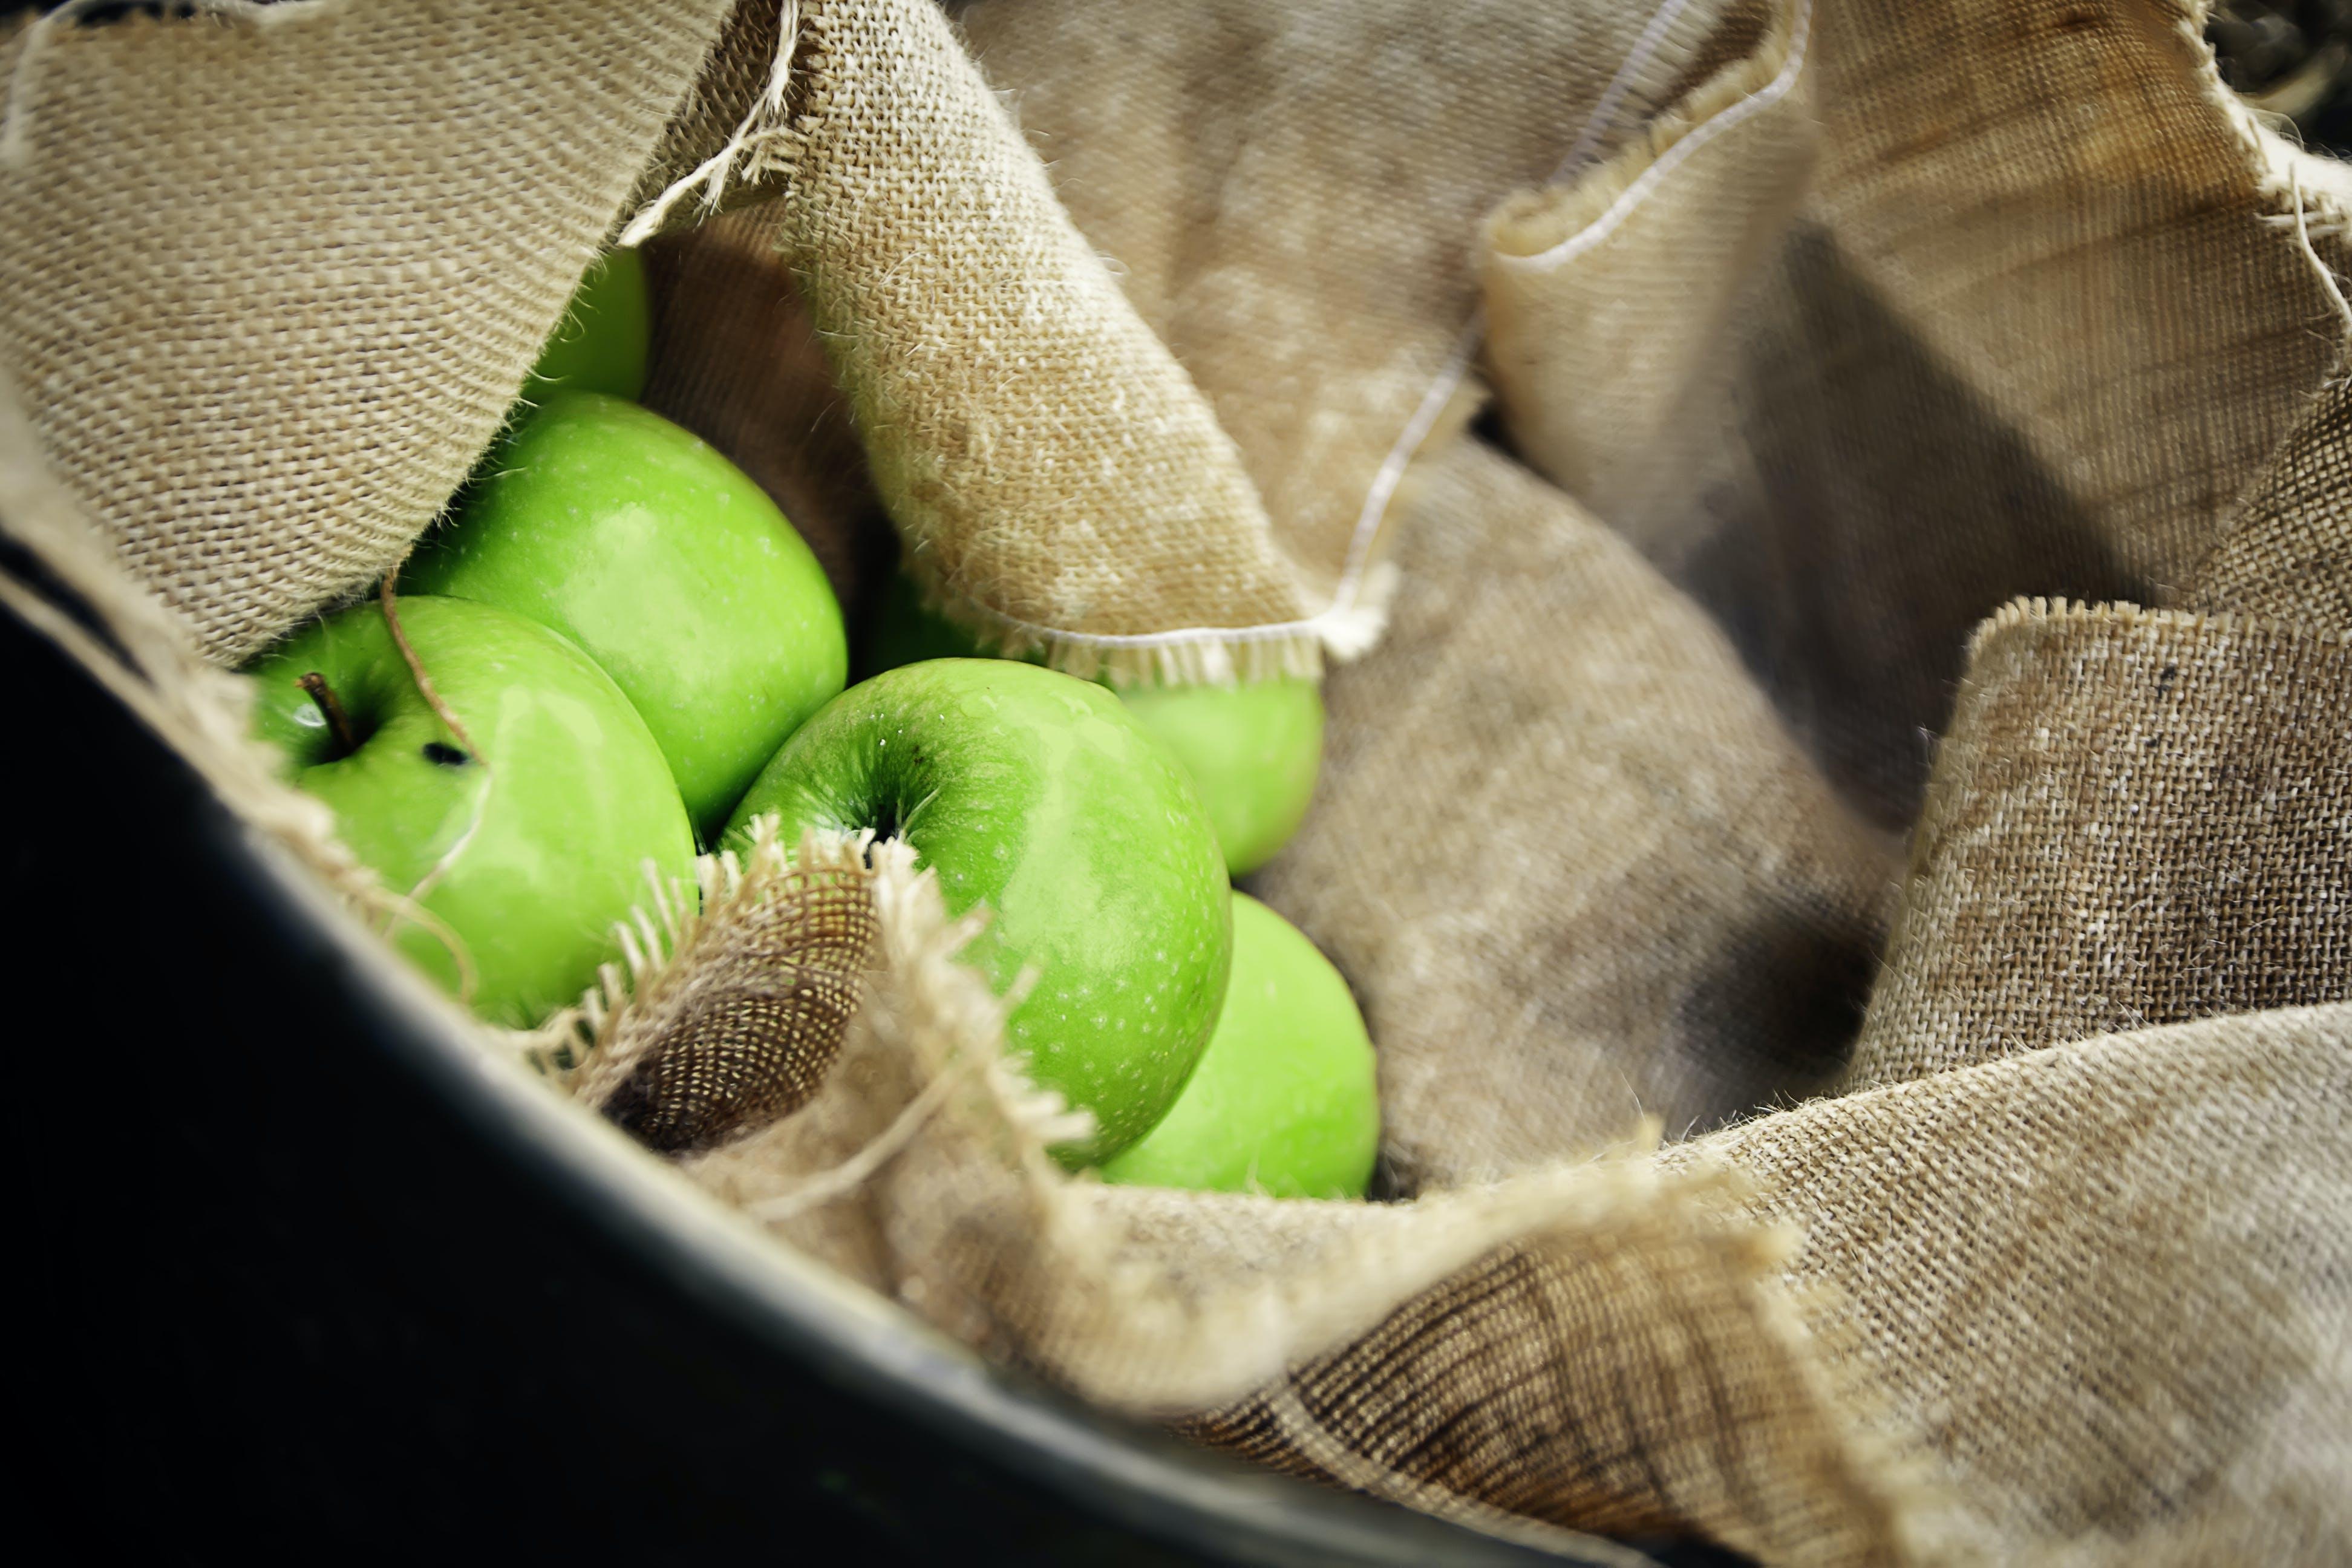 Gratis stockfoto met appels, close-up, eten, fris